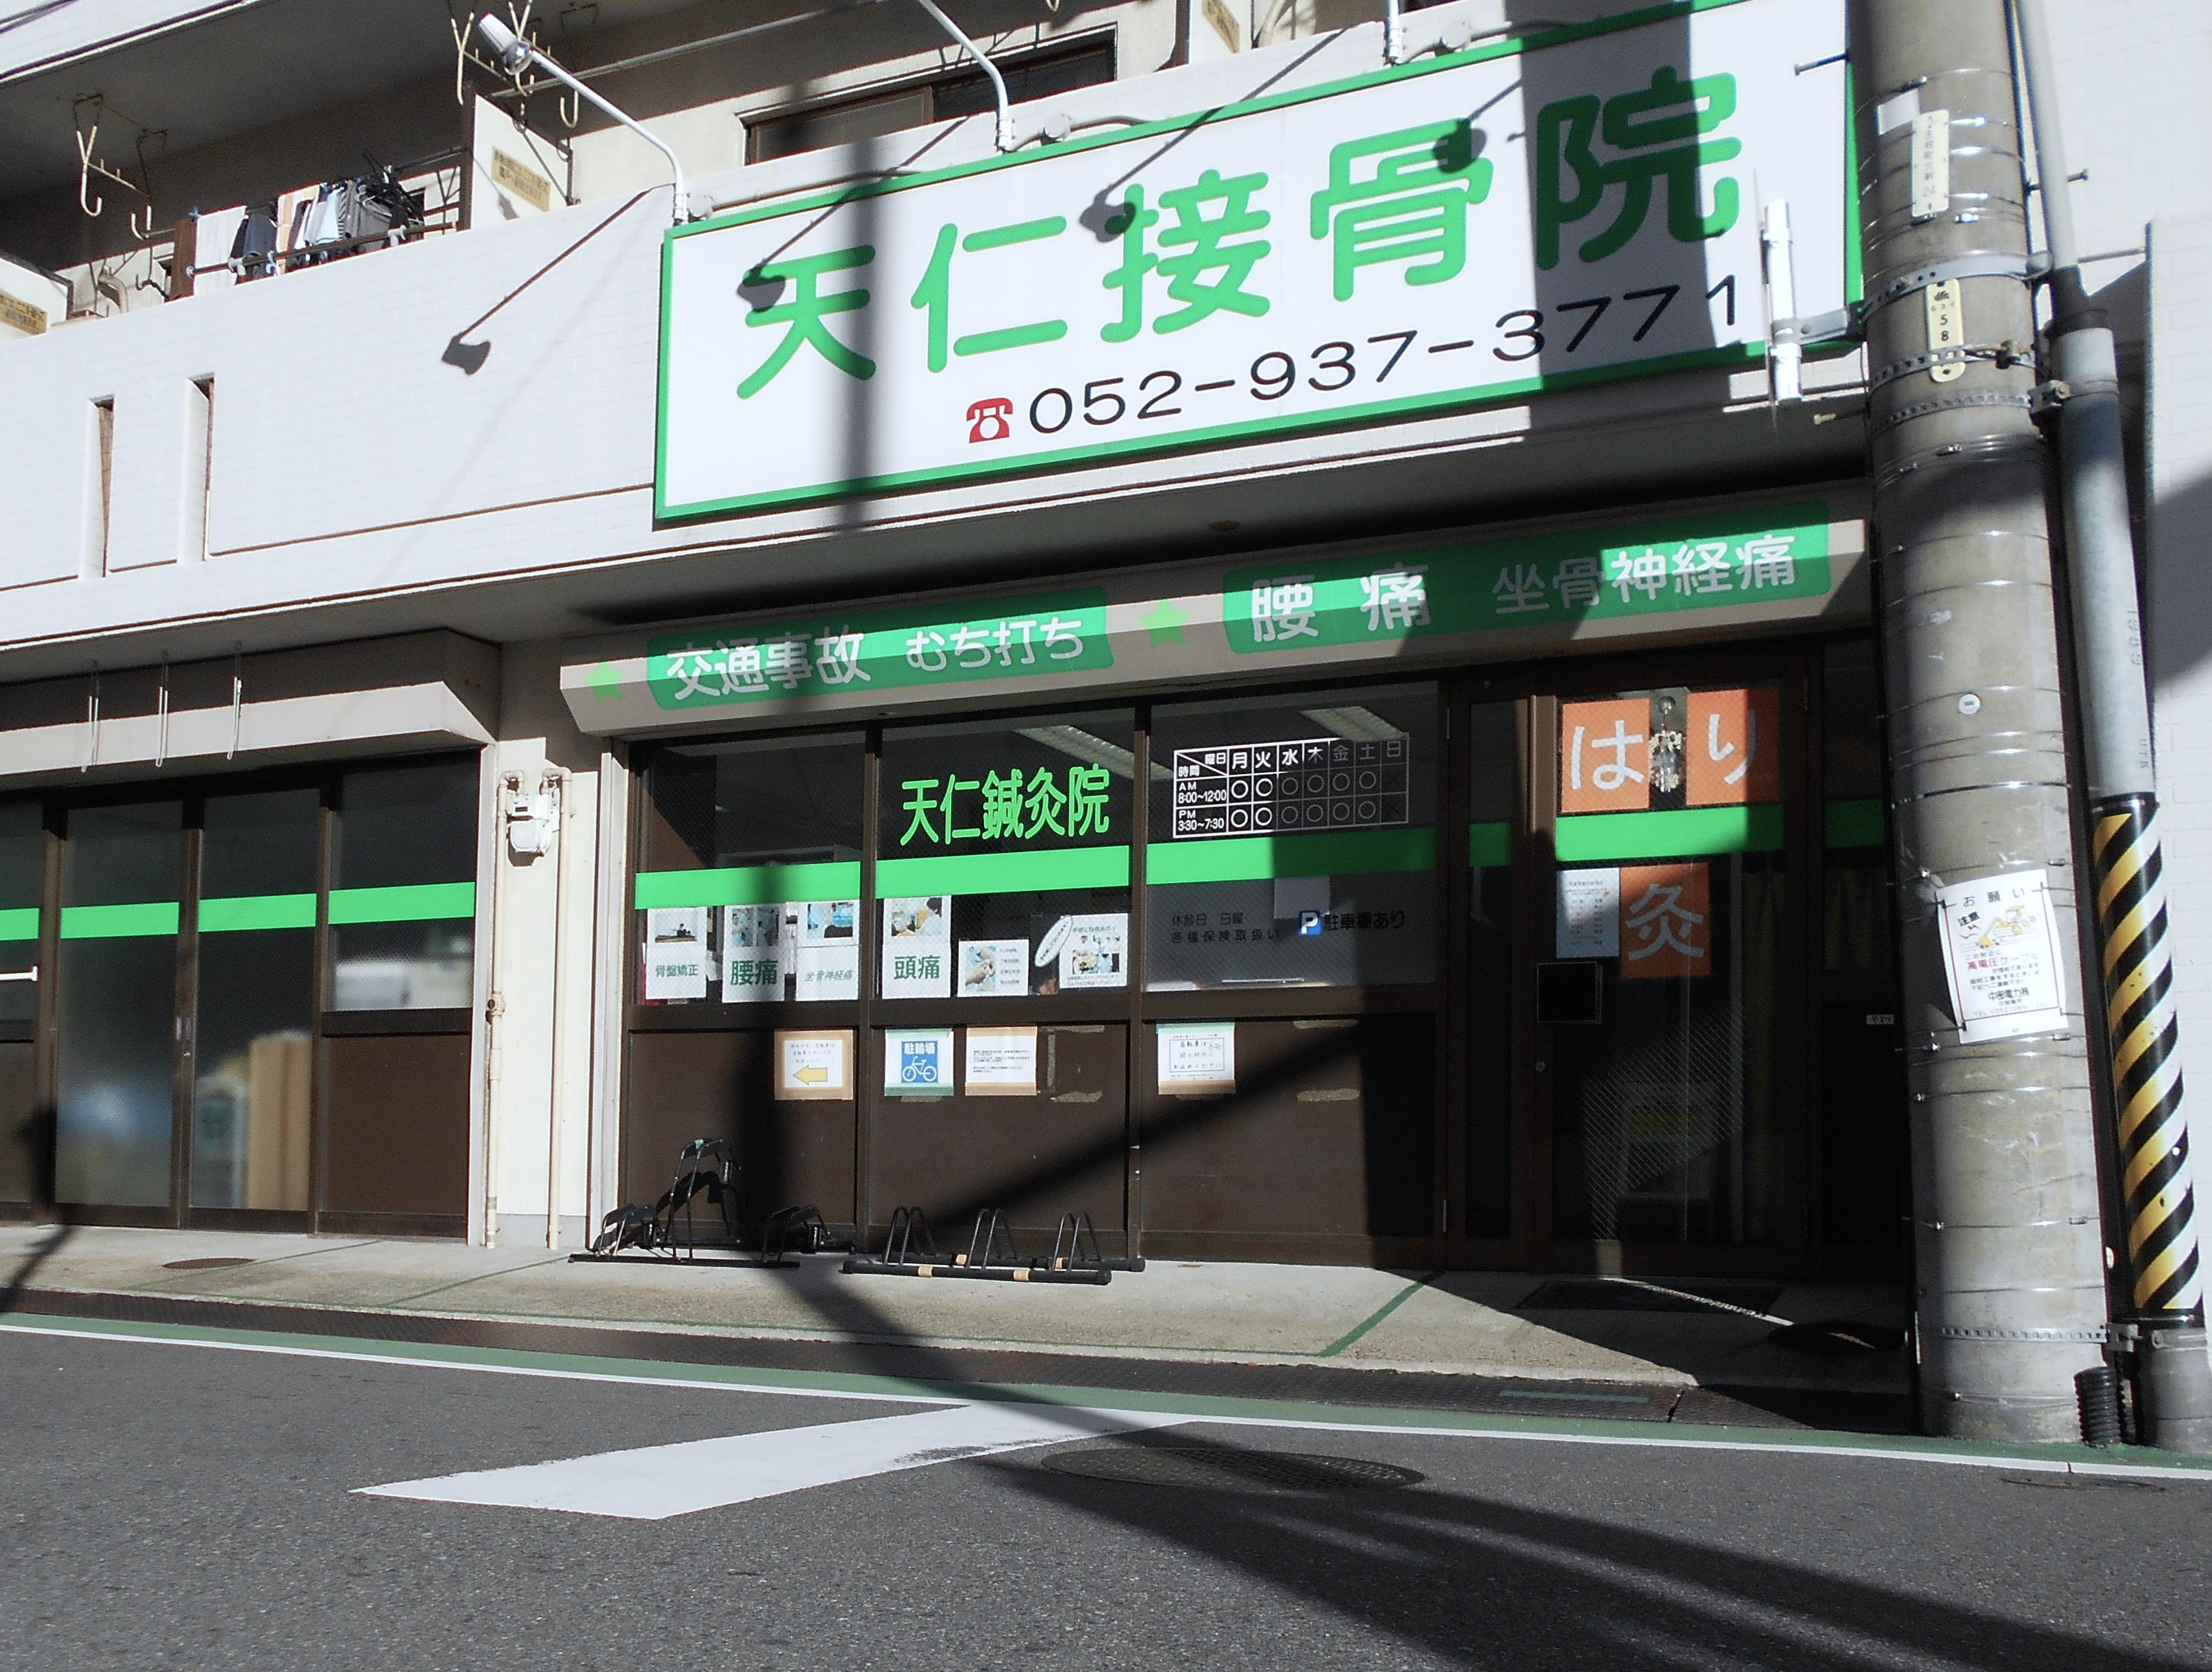 冷えは神経痛のもと、坐骨神経痛の大敵:名古屋市東区 天仁接骨院